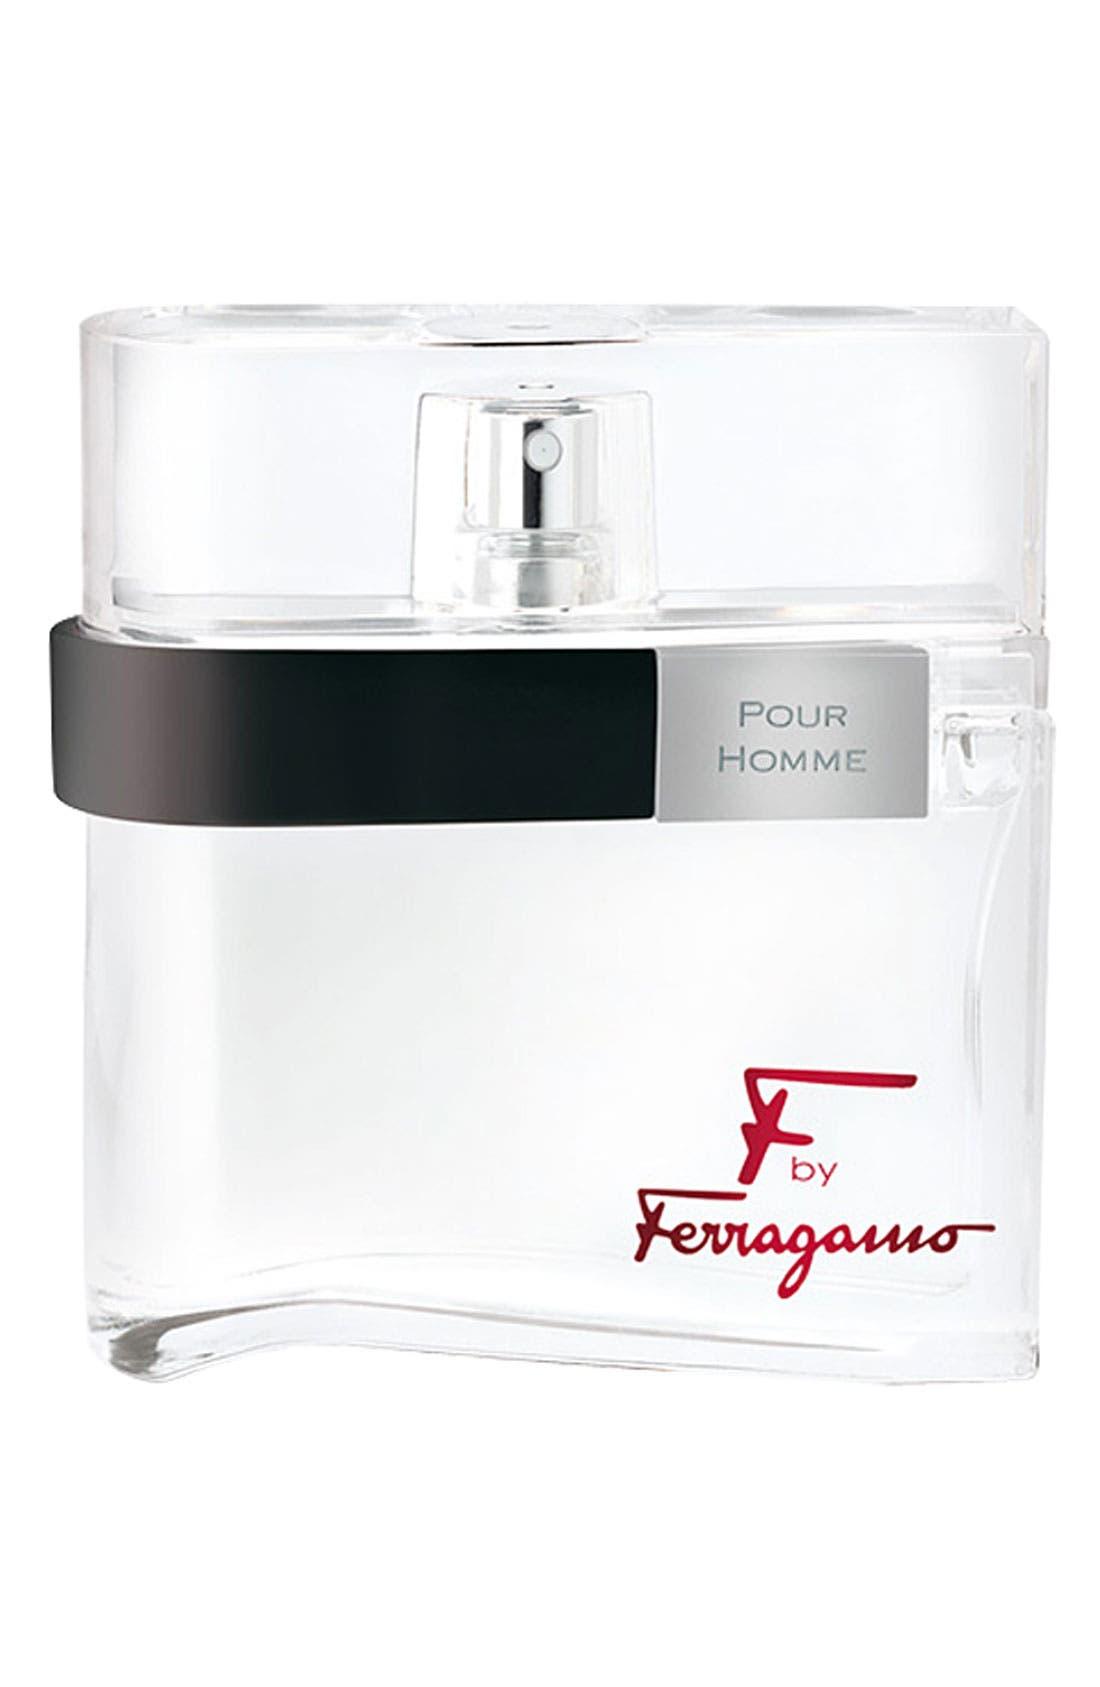 Image of Salvatore Ferragamo F Cologne by Salvatore Ferragamo Eau De Toilette - 3.4 oz.